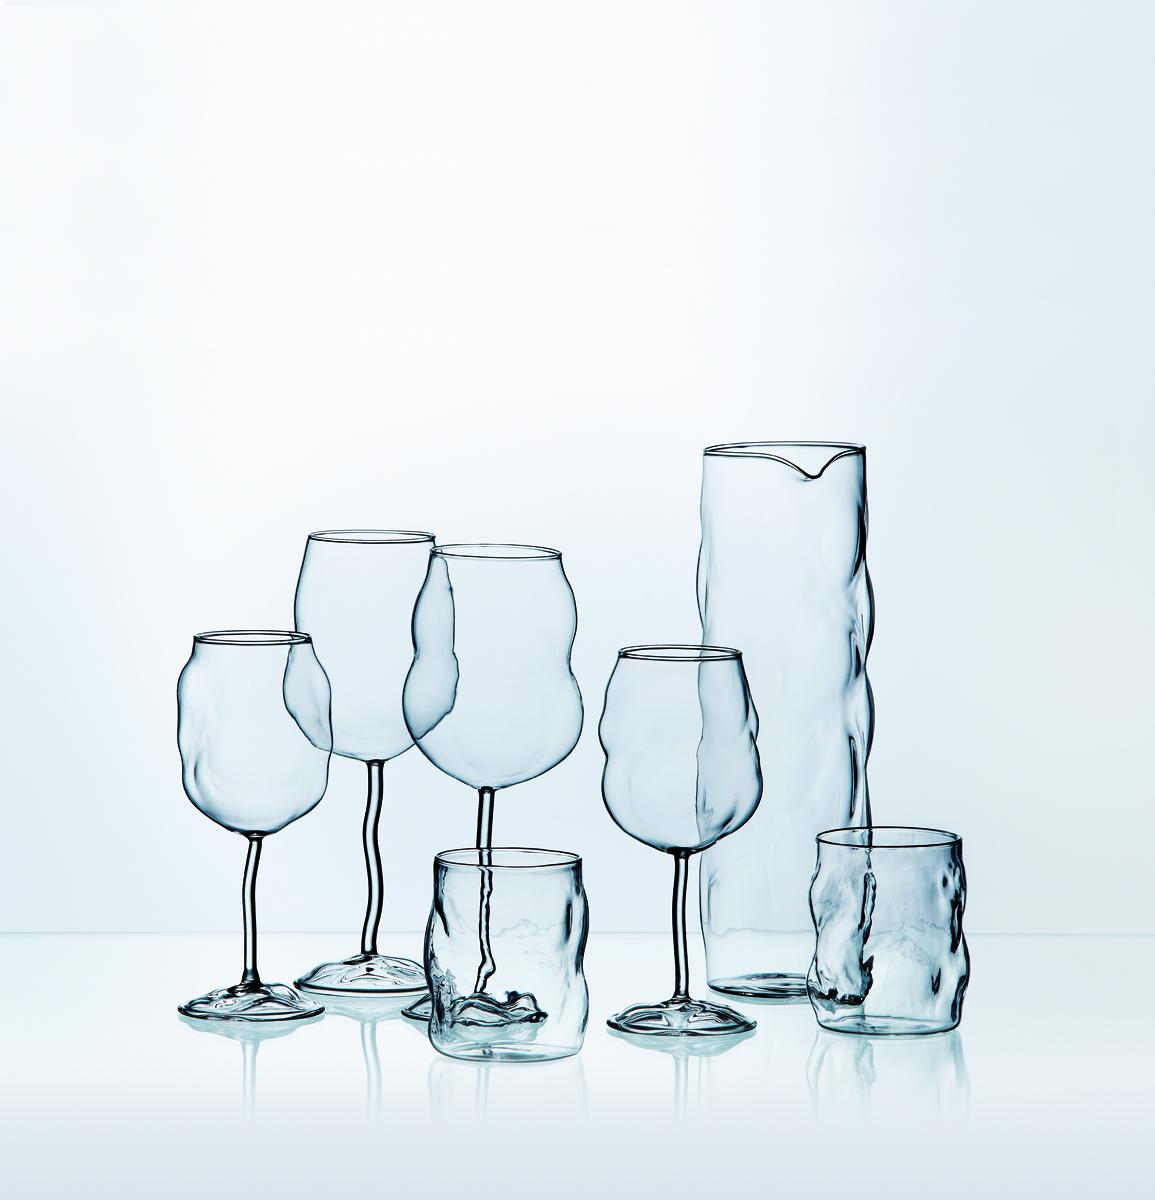 脱力感のあるデザイン。見ているだけで癒やされてしまうグラスで至福のワインタイムはいかが?